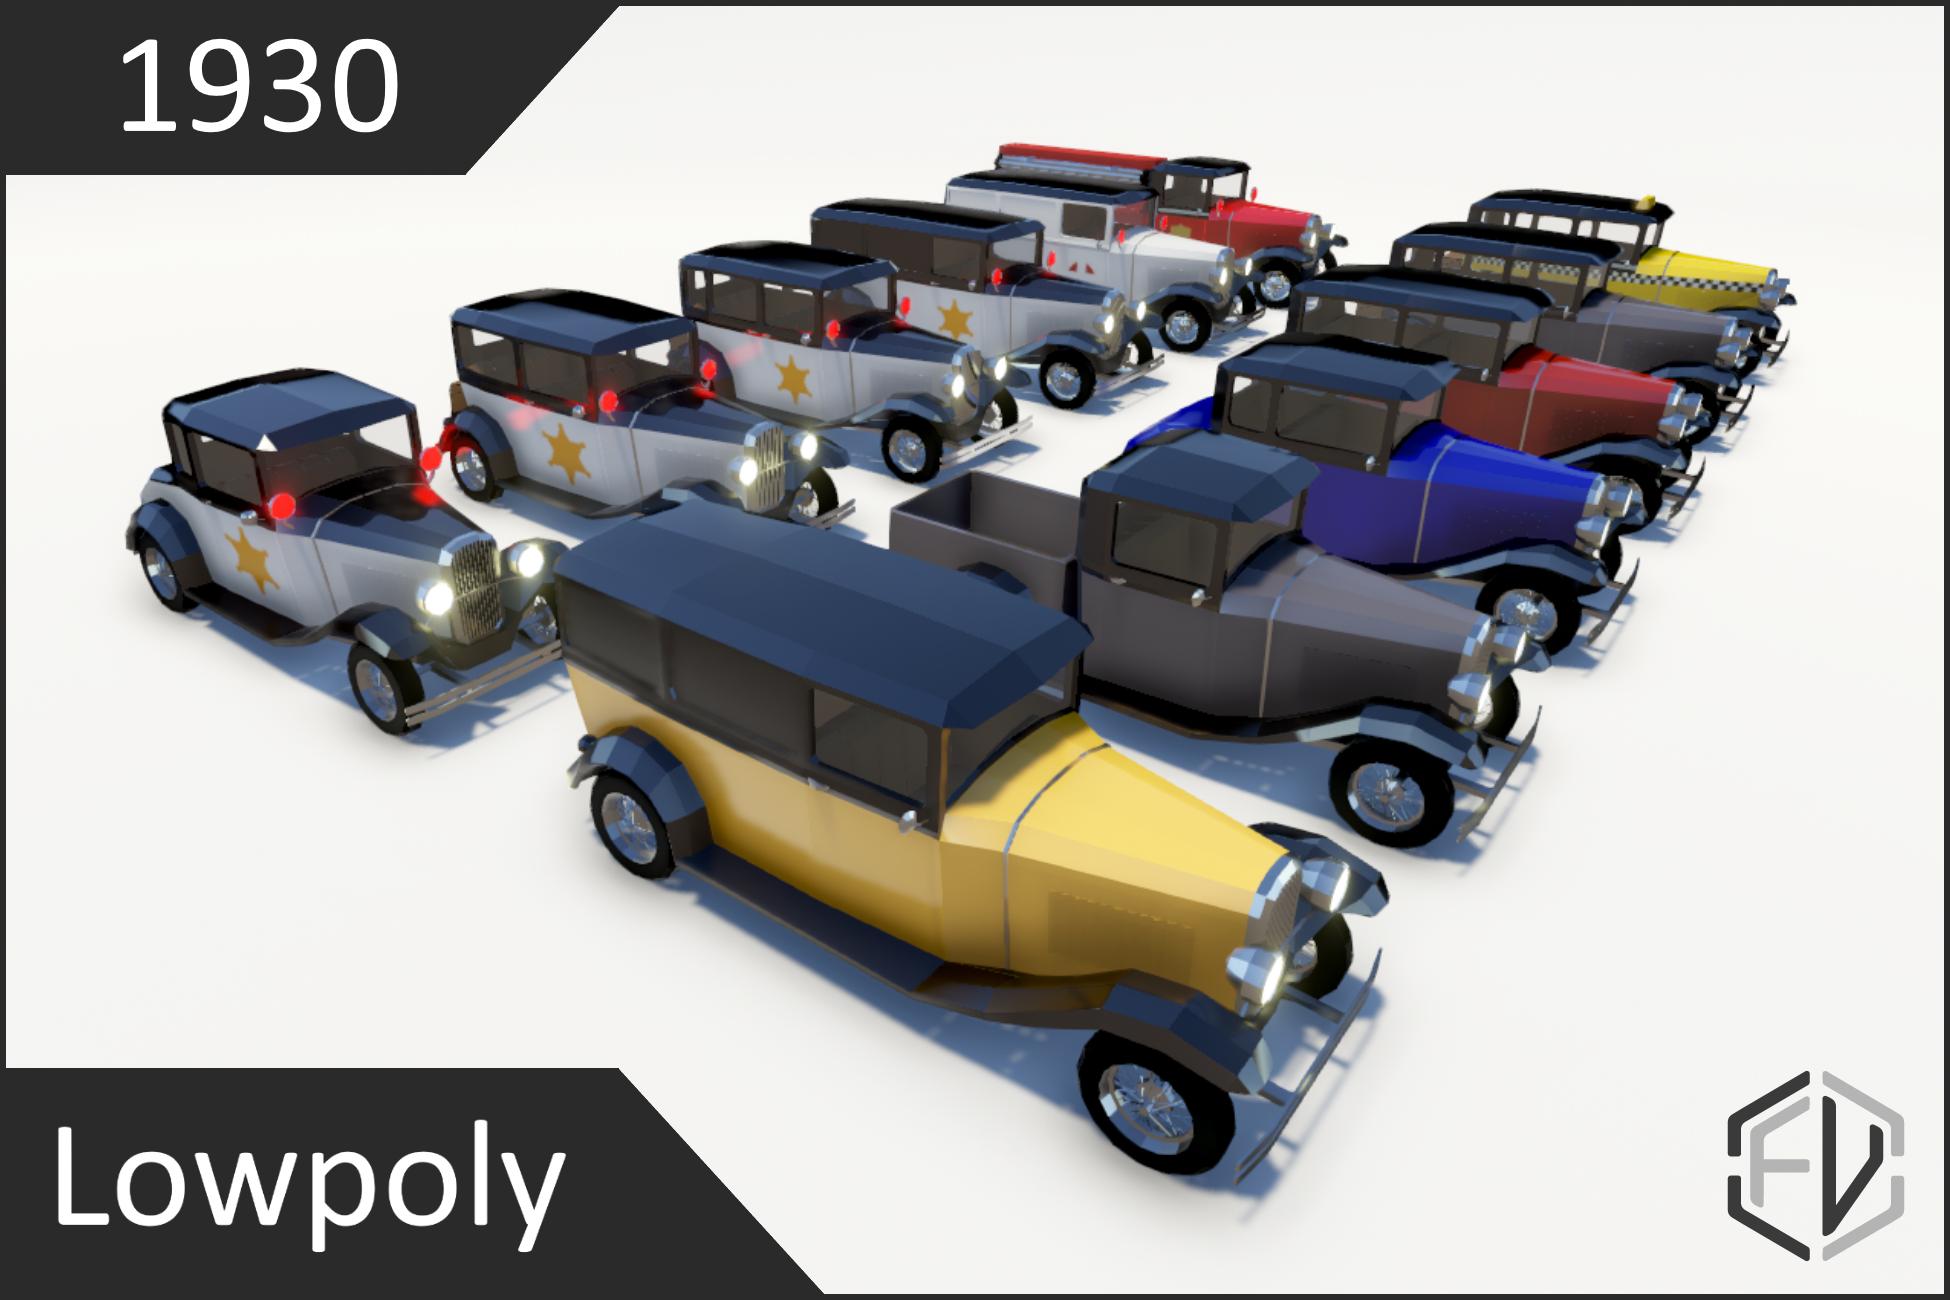 Lowpoly Vintage Car Pack 1930